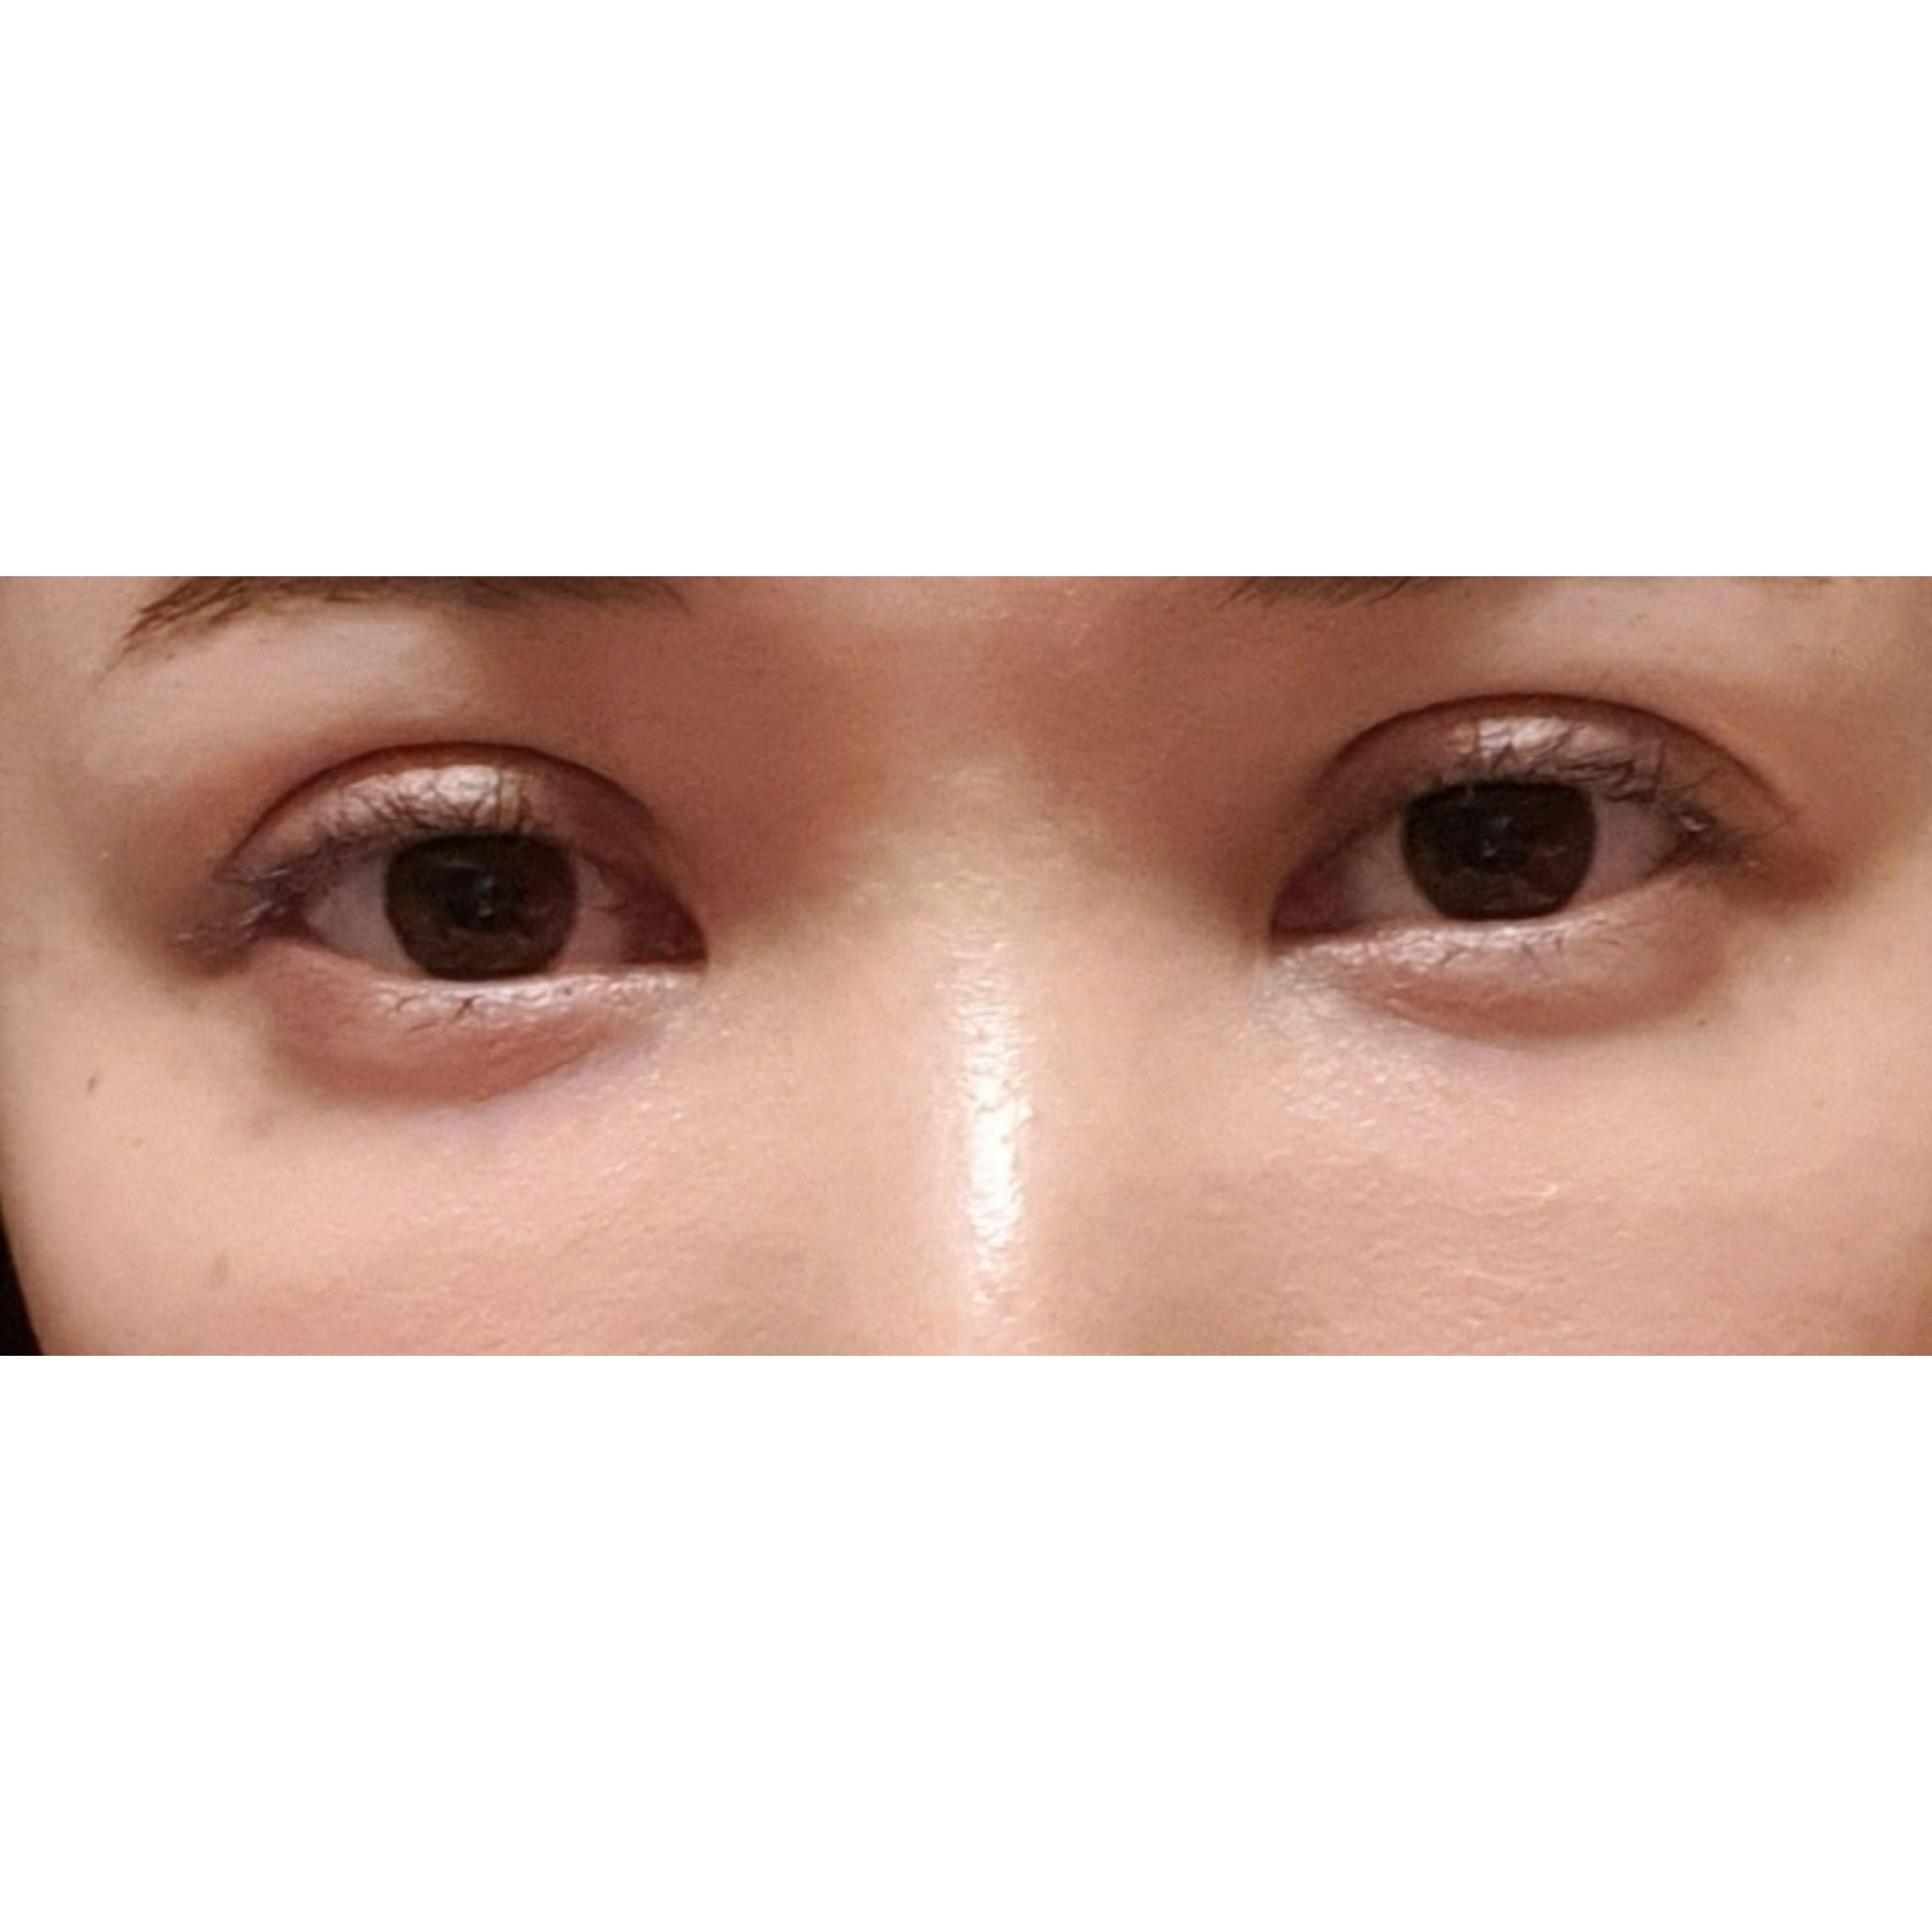 目元の整形、目のクマ治療 (リジュランi) 施術前